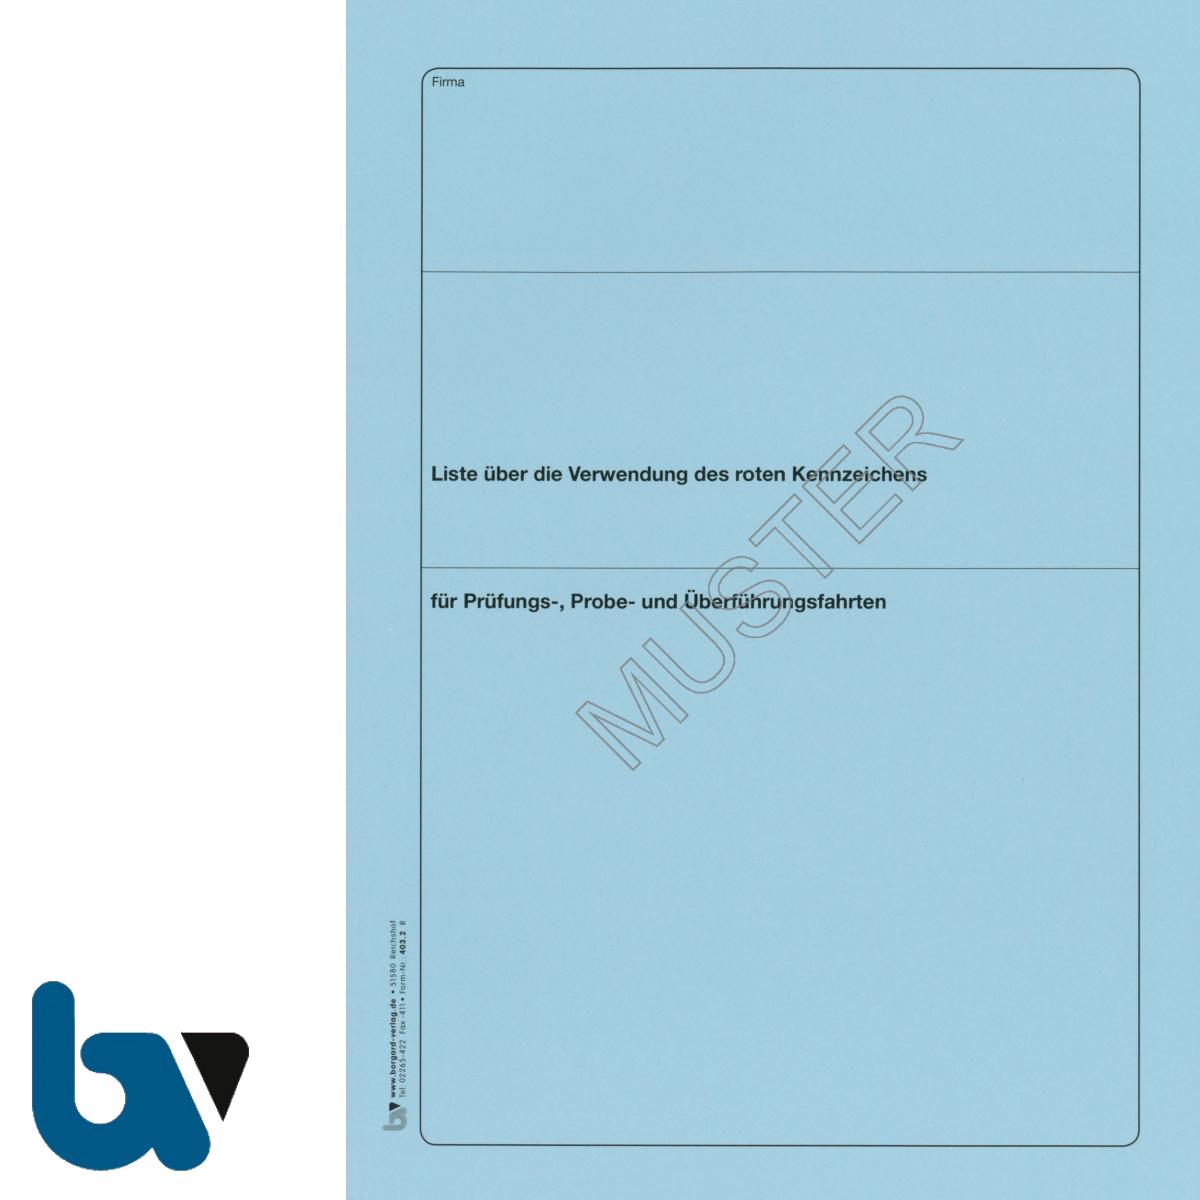 403.2 Liste Verwendung rot Kennzeichen Fahrten Prüfung Probe Überführung FZV 22 Seiten geheftet DIN A4 Vorderseite | Borgard Verlag GmbH